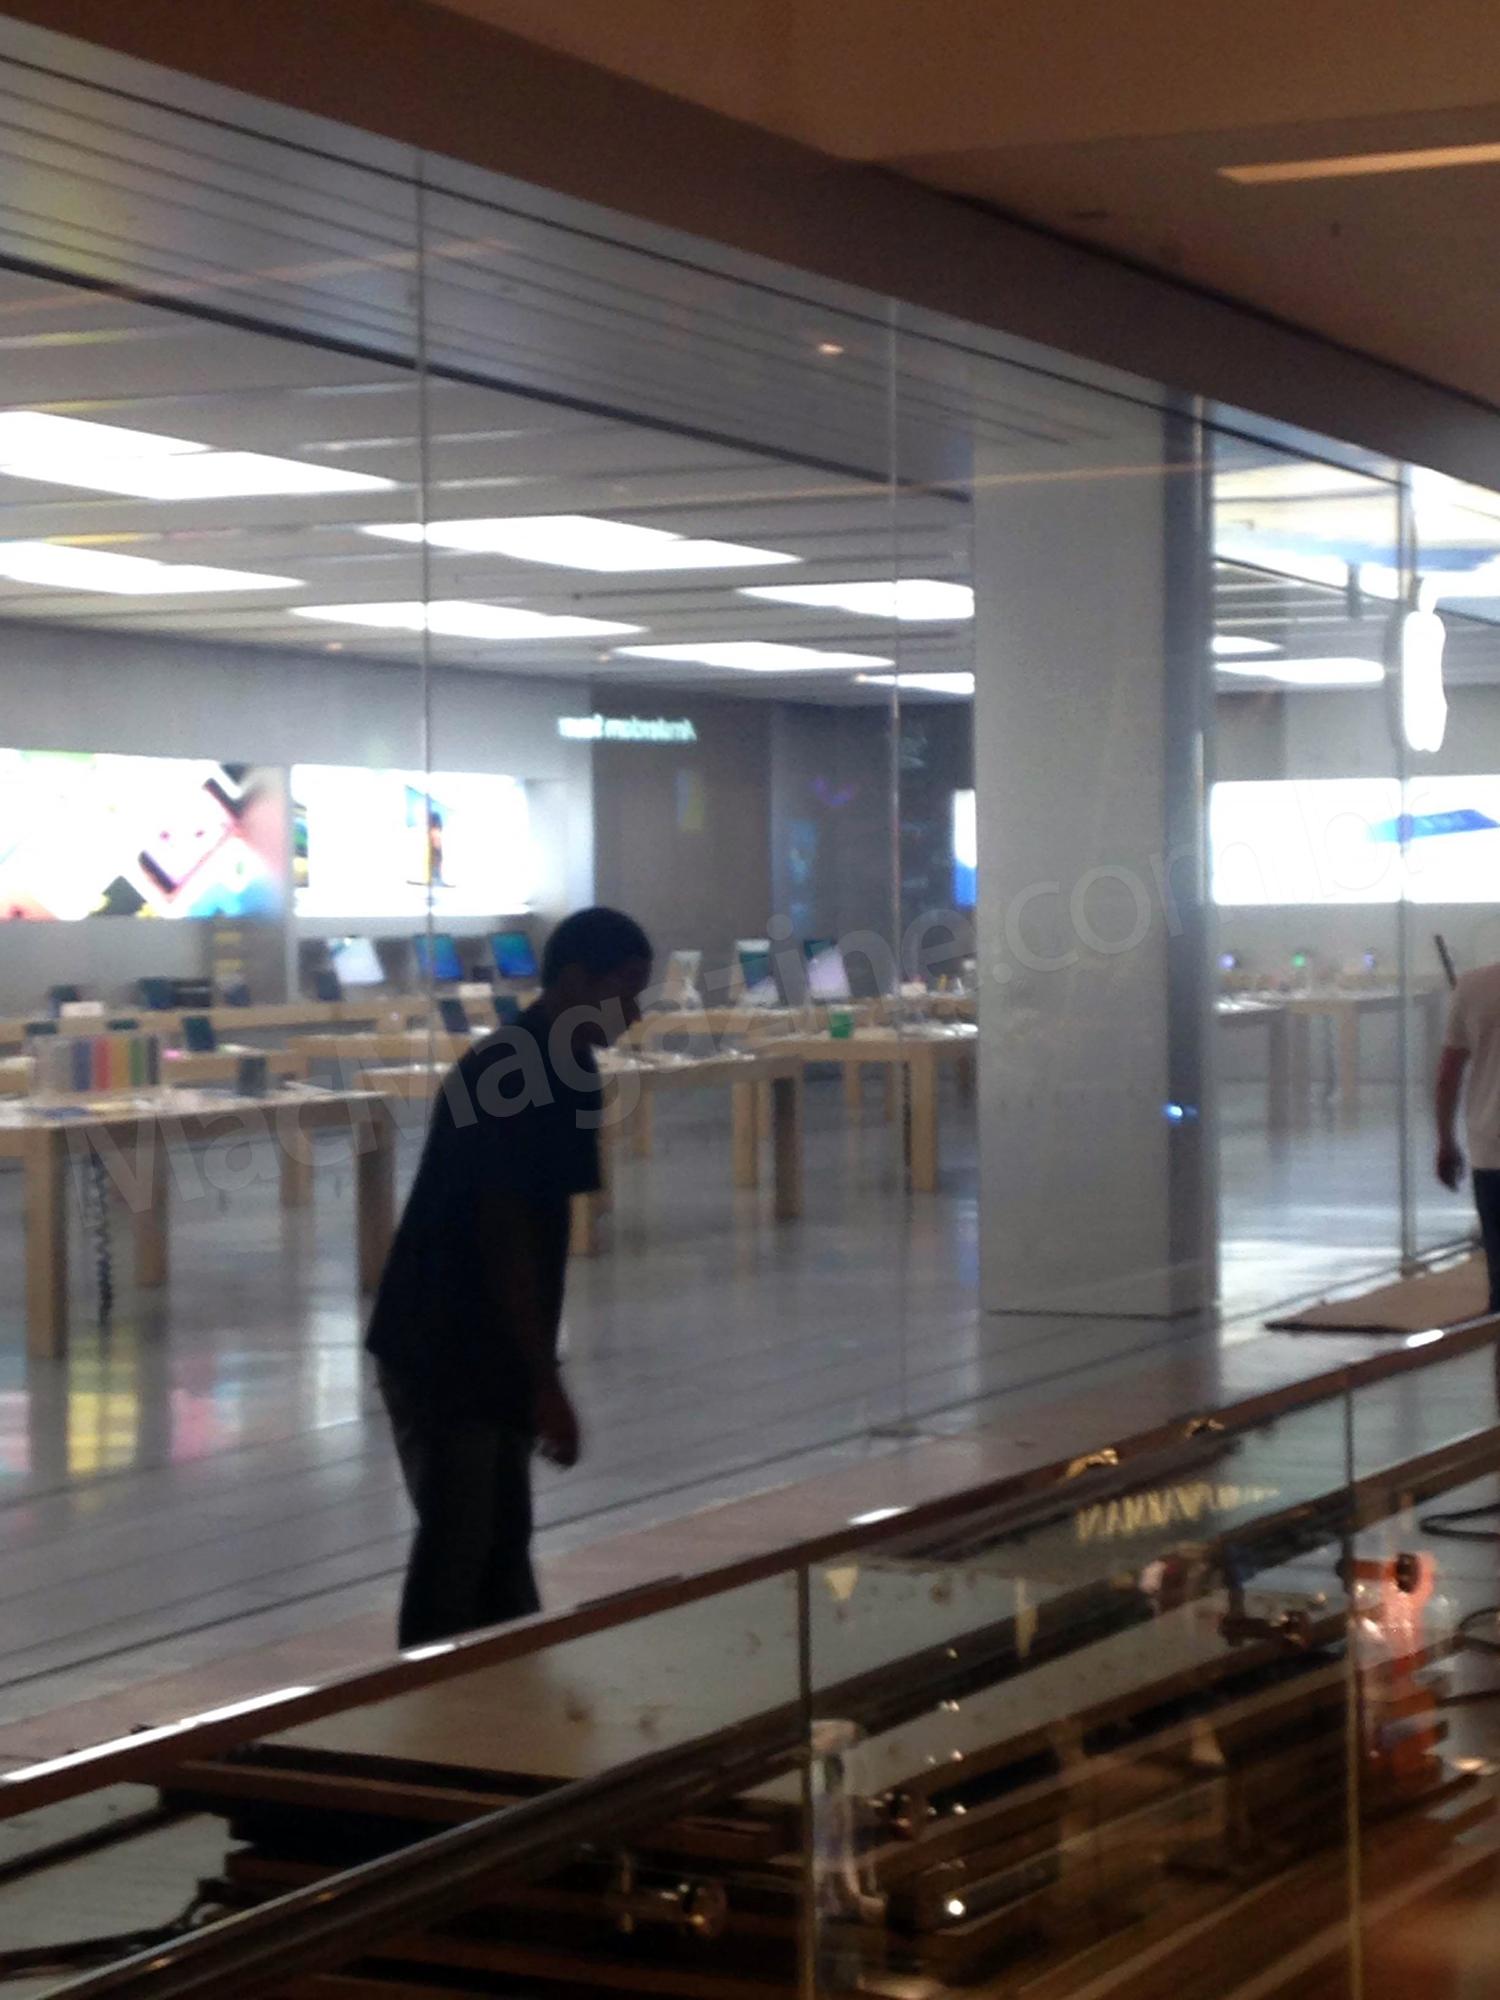 Apple Retail Store - VillageMall começando a ser revelada